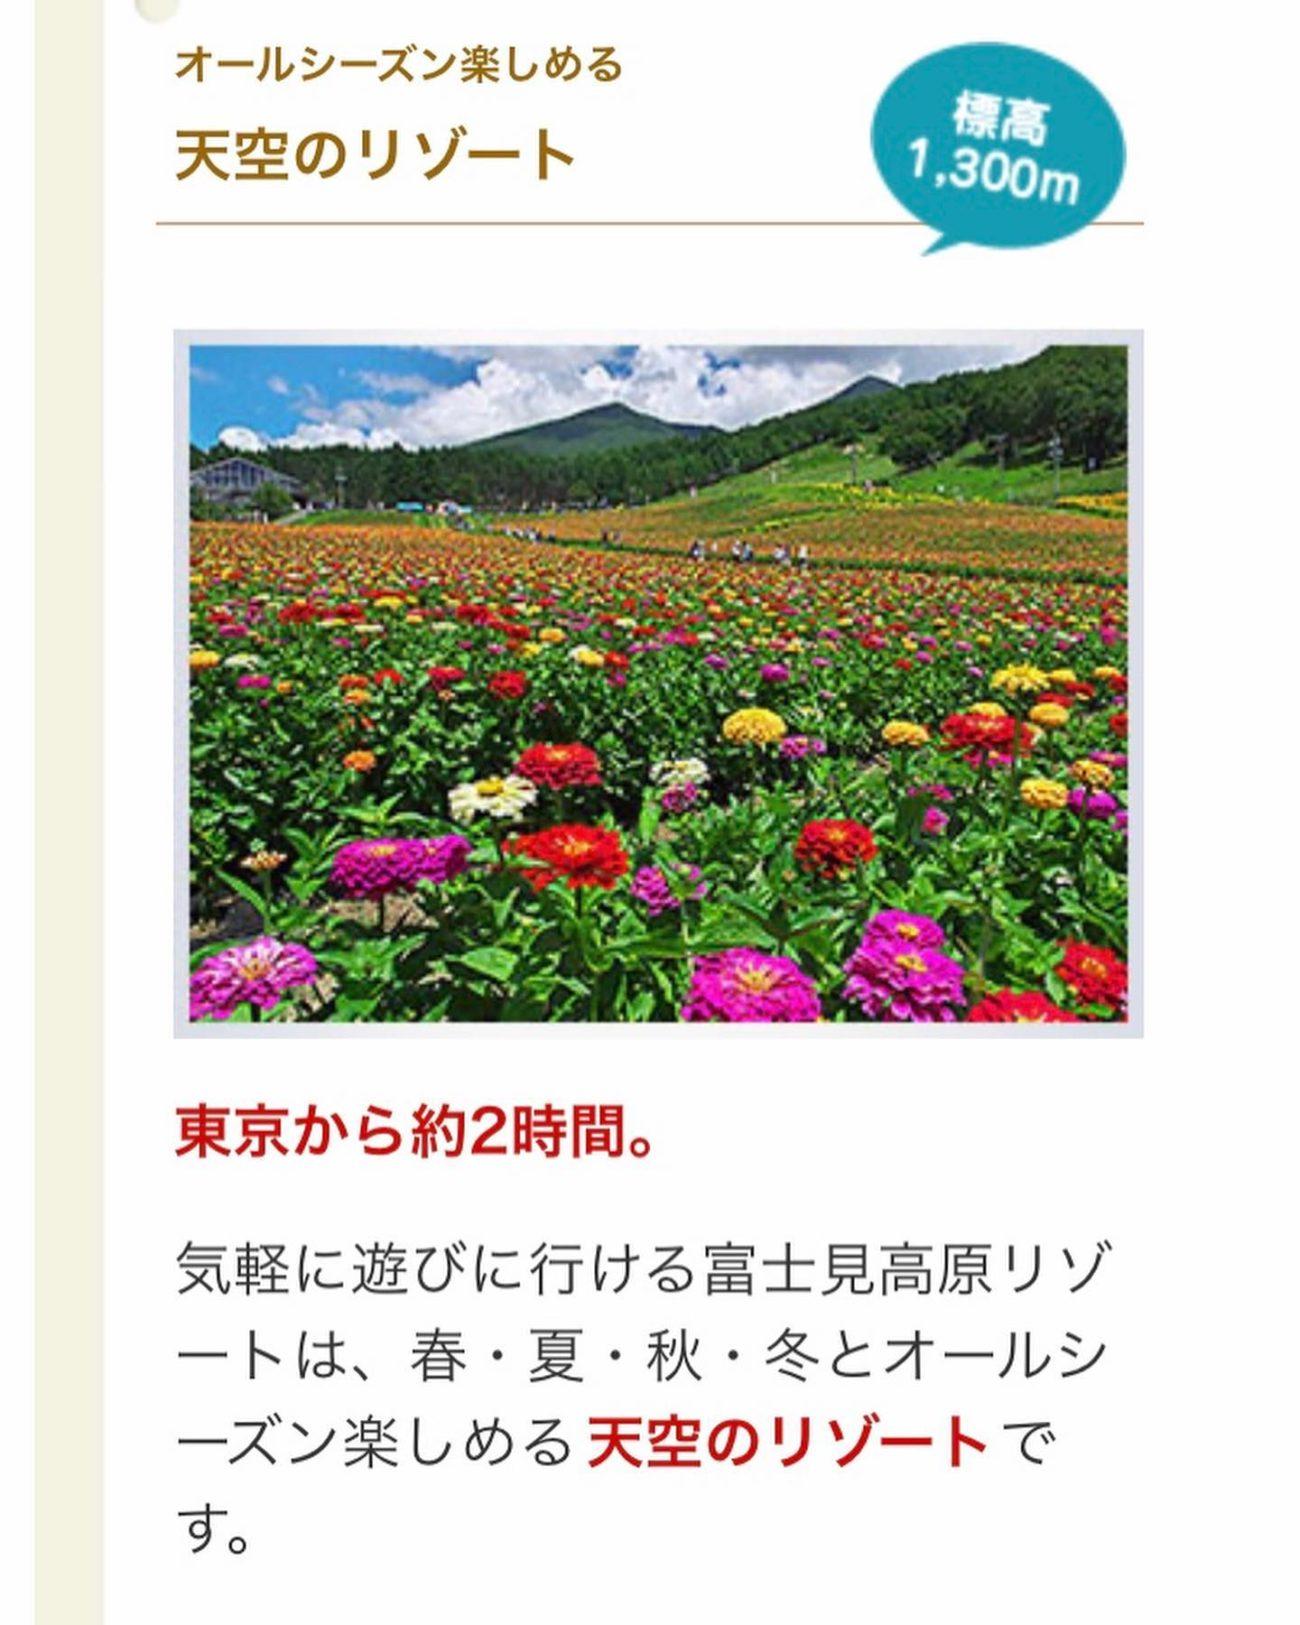 アビエス2020パートナー紹介-富士見高原リゾート-アクセス